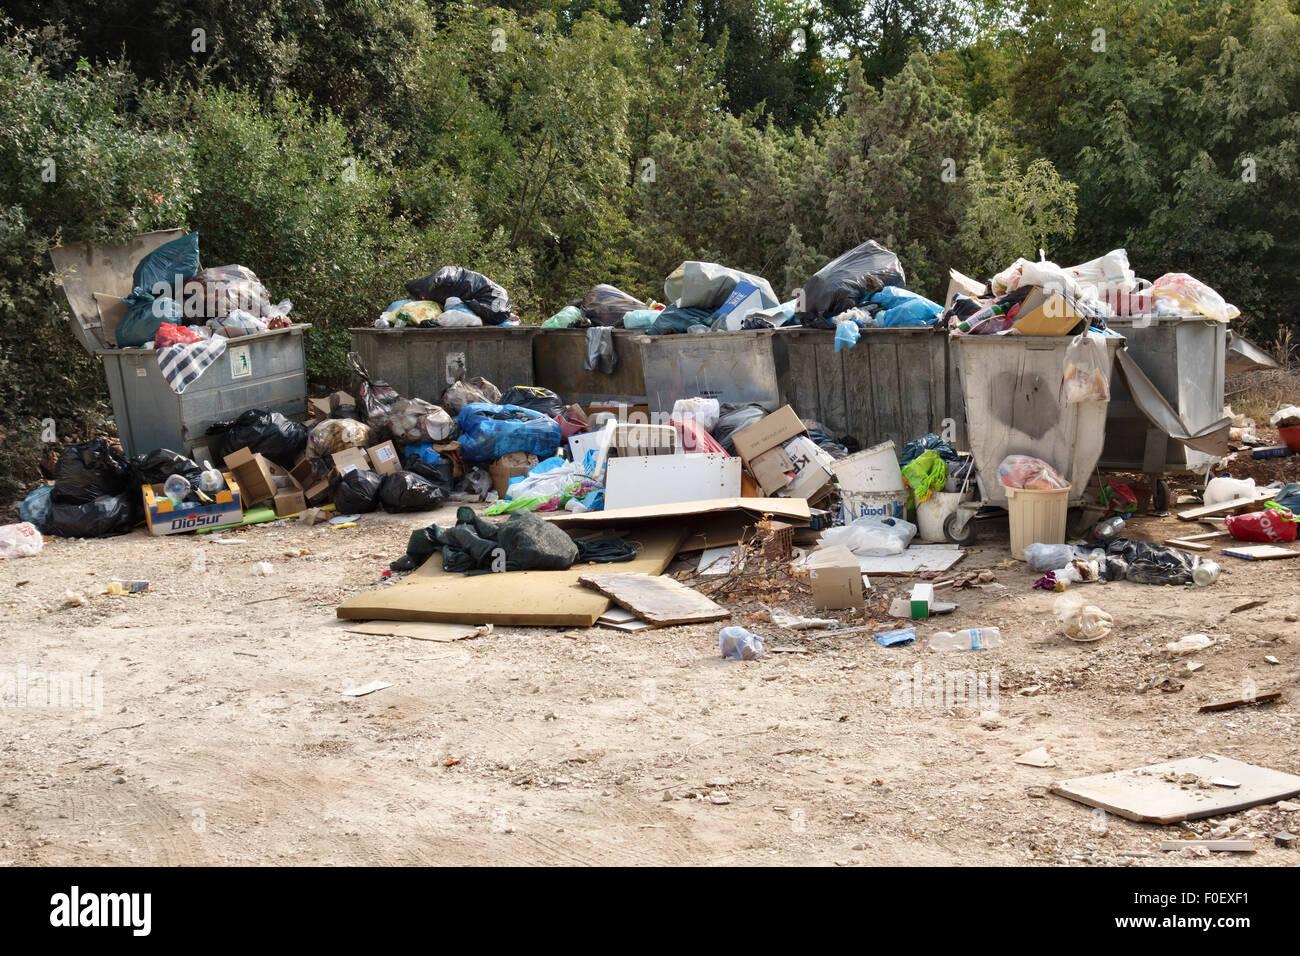 Istrien, Kroatien. Die Müllkippe Dorf in einer ländlichen Gegend, wo wöchentlich Müll gesammelt Stockbild